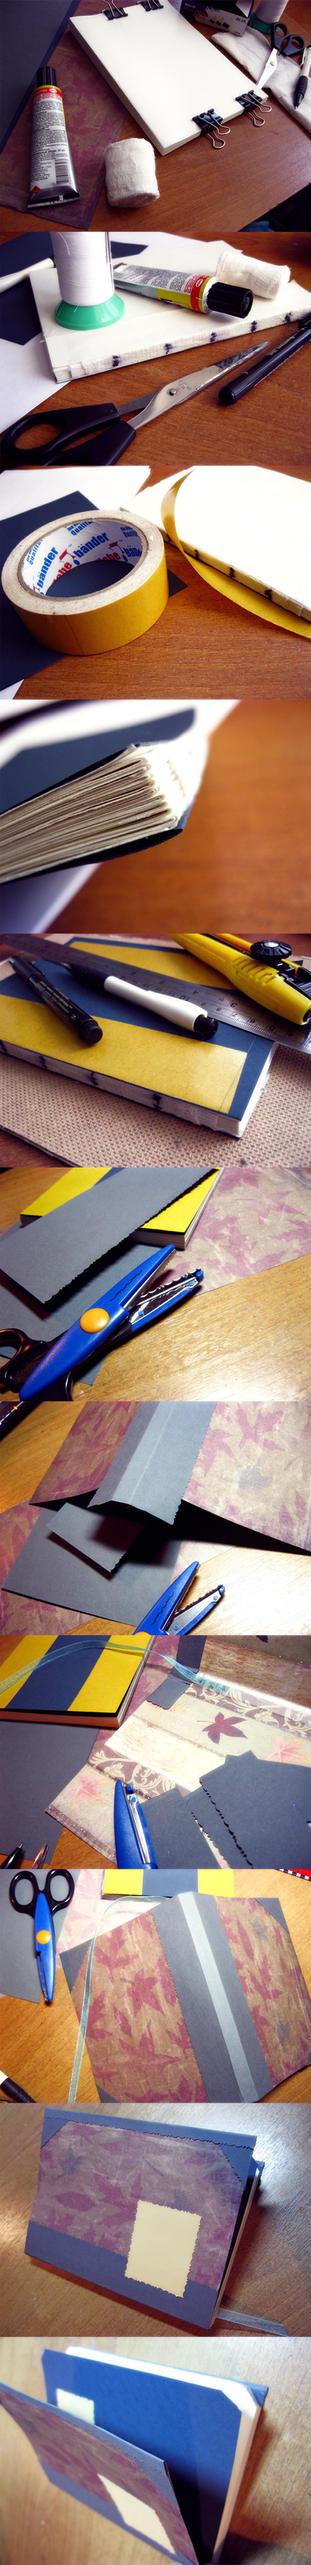 How to make sketchbook. Steps by Piromanova